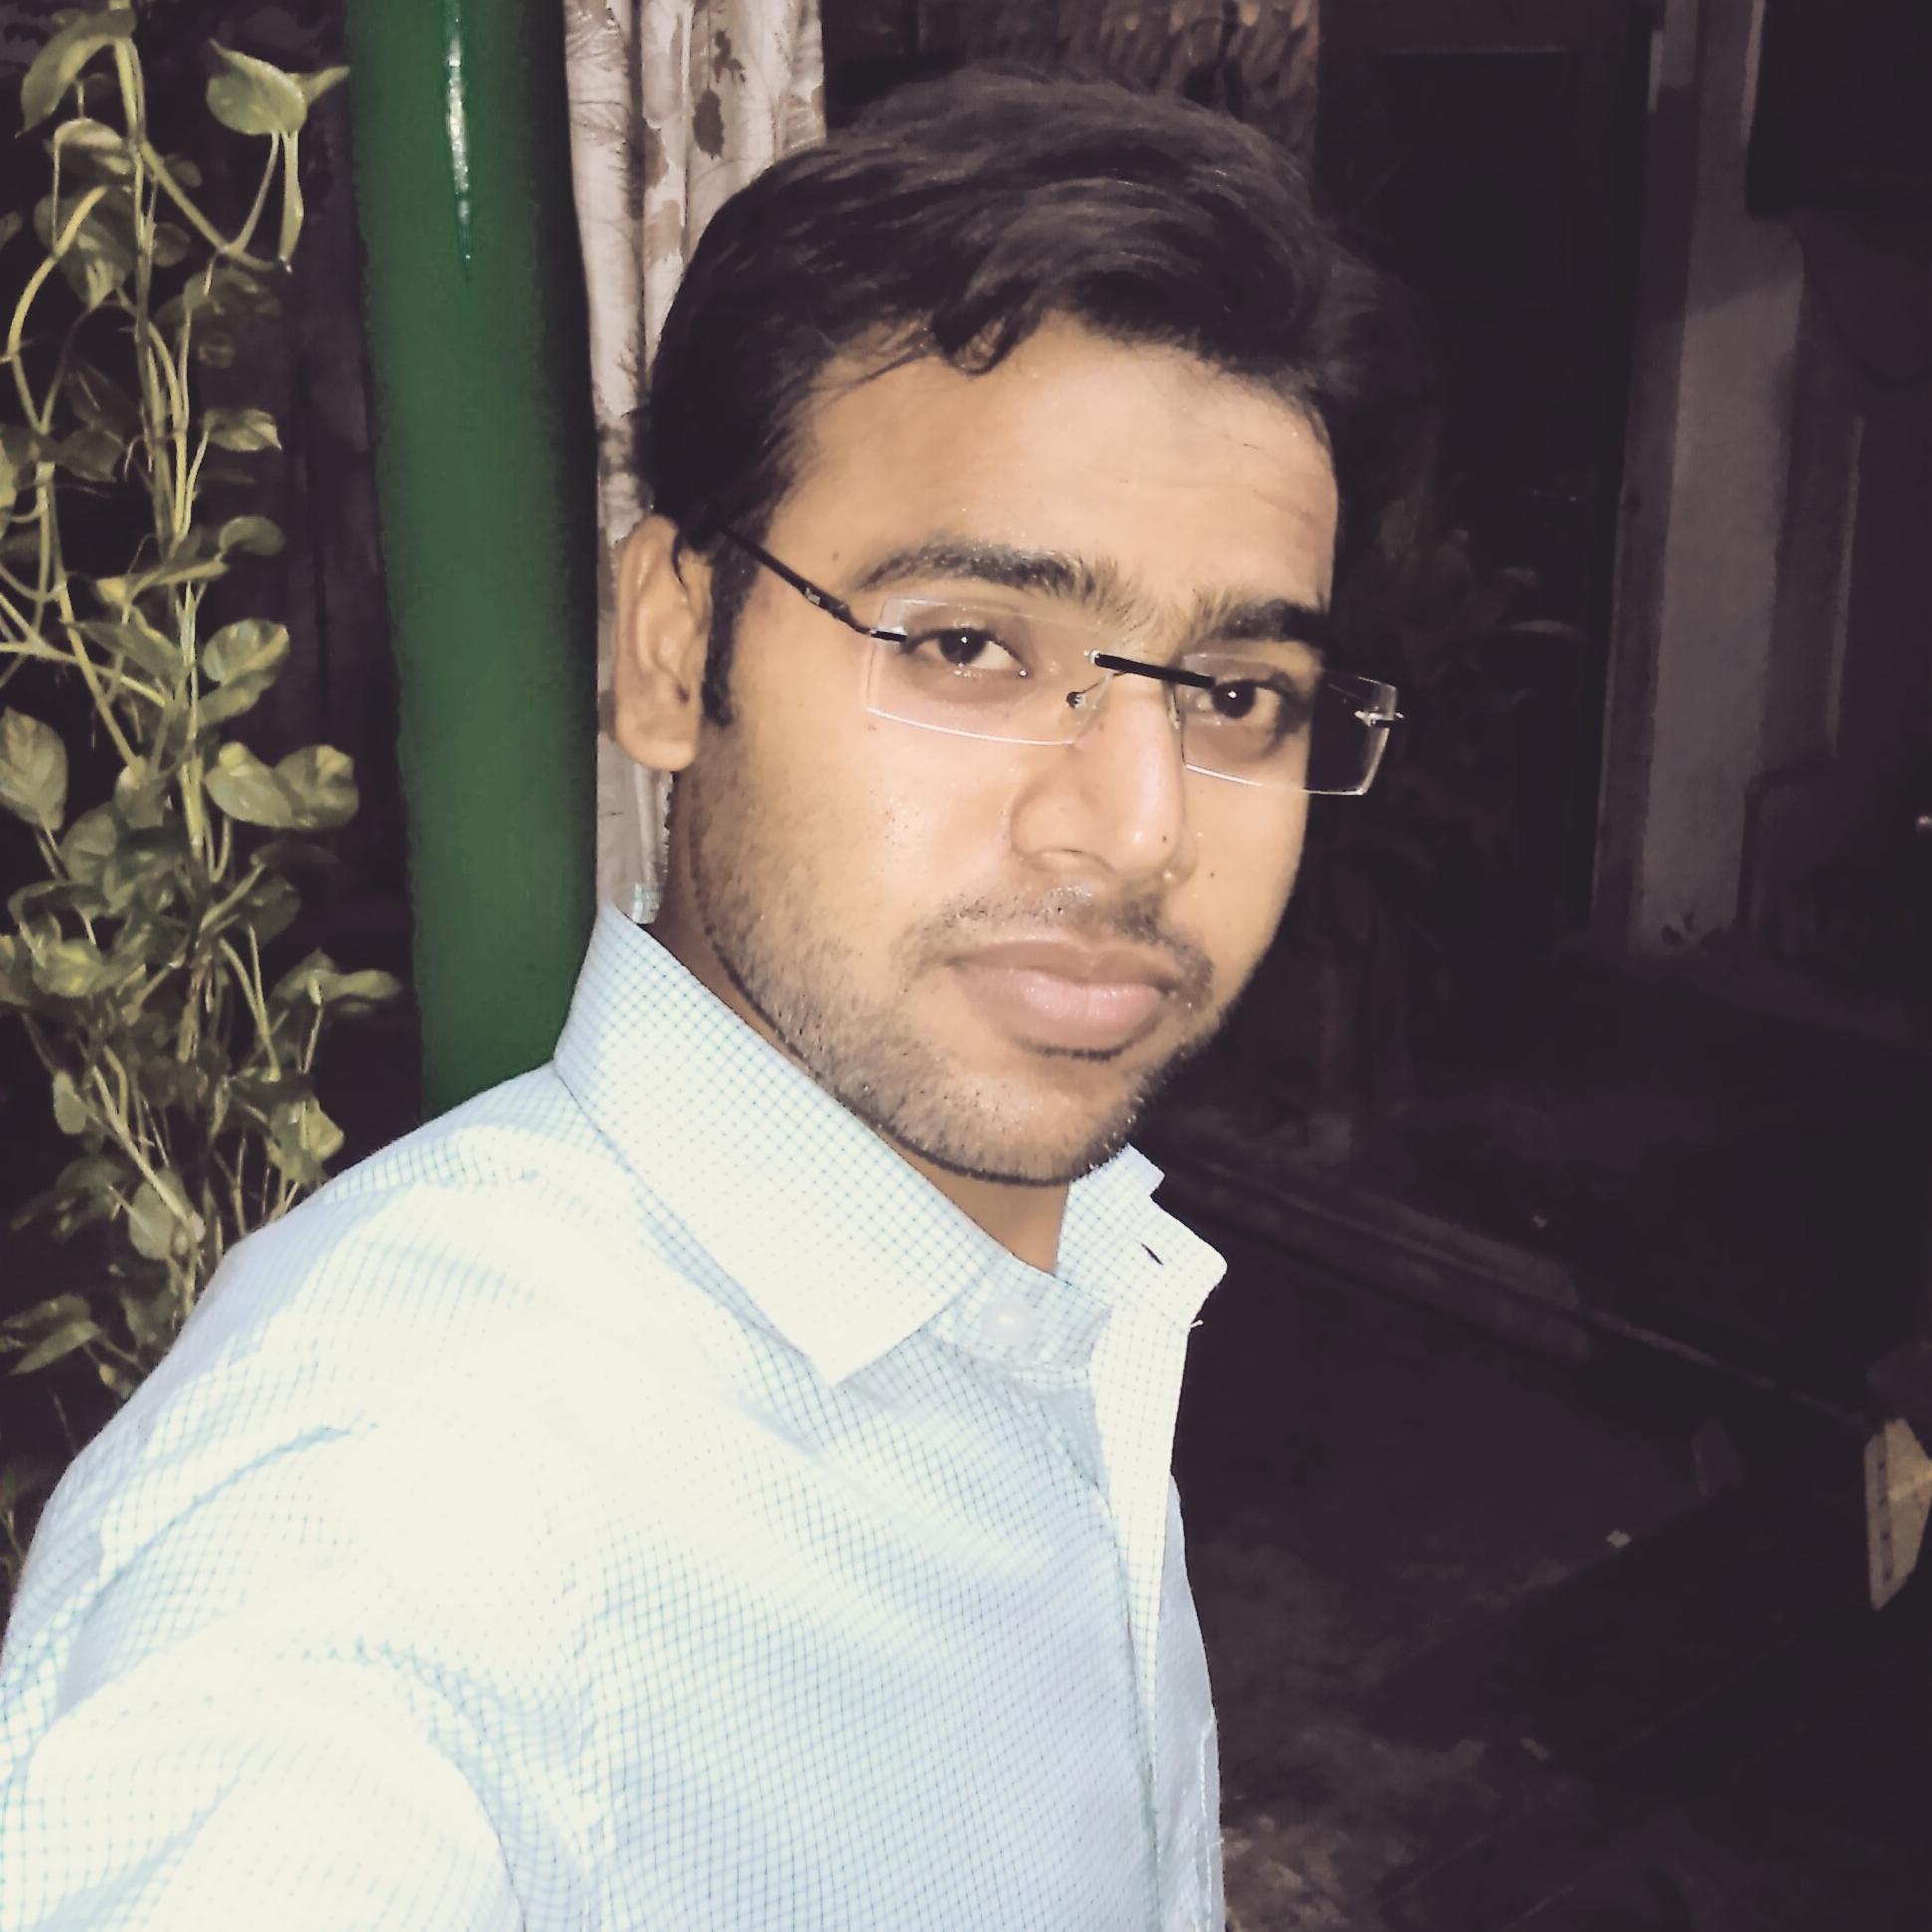 Mohd. Faizan